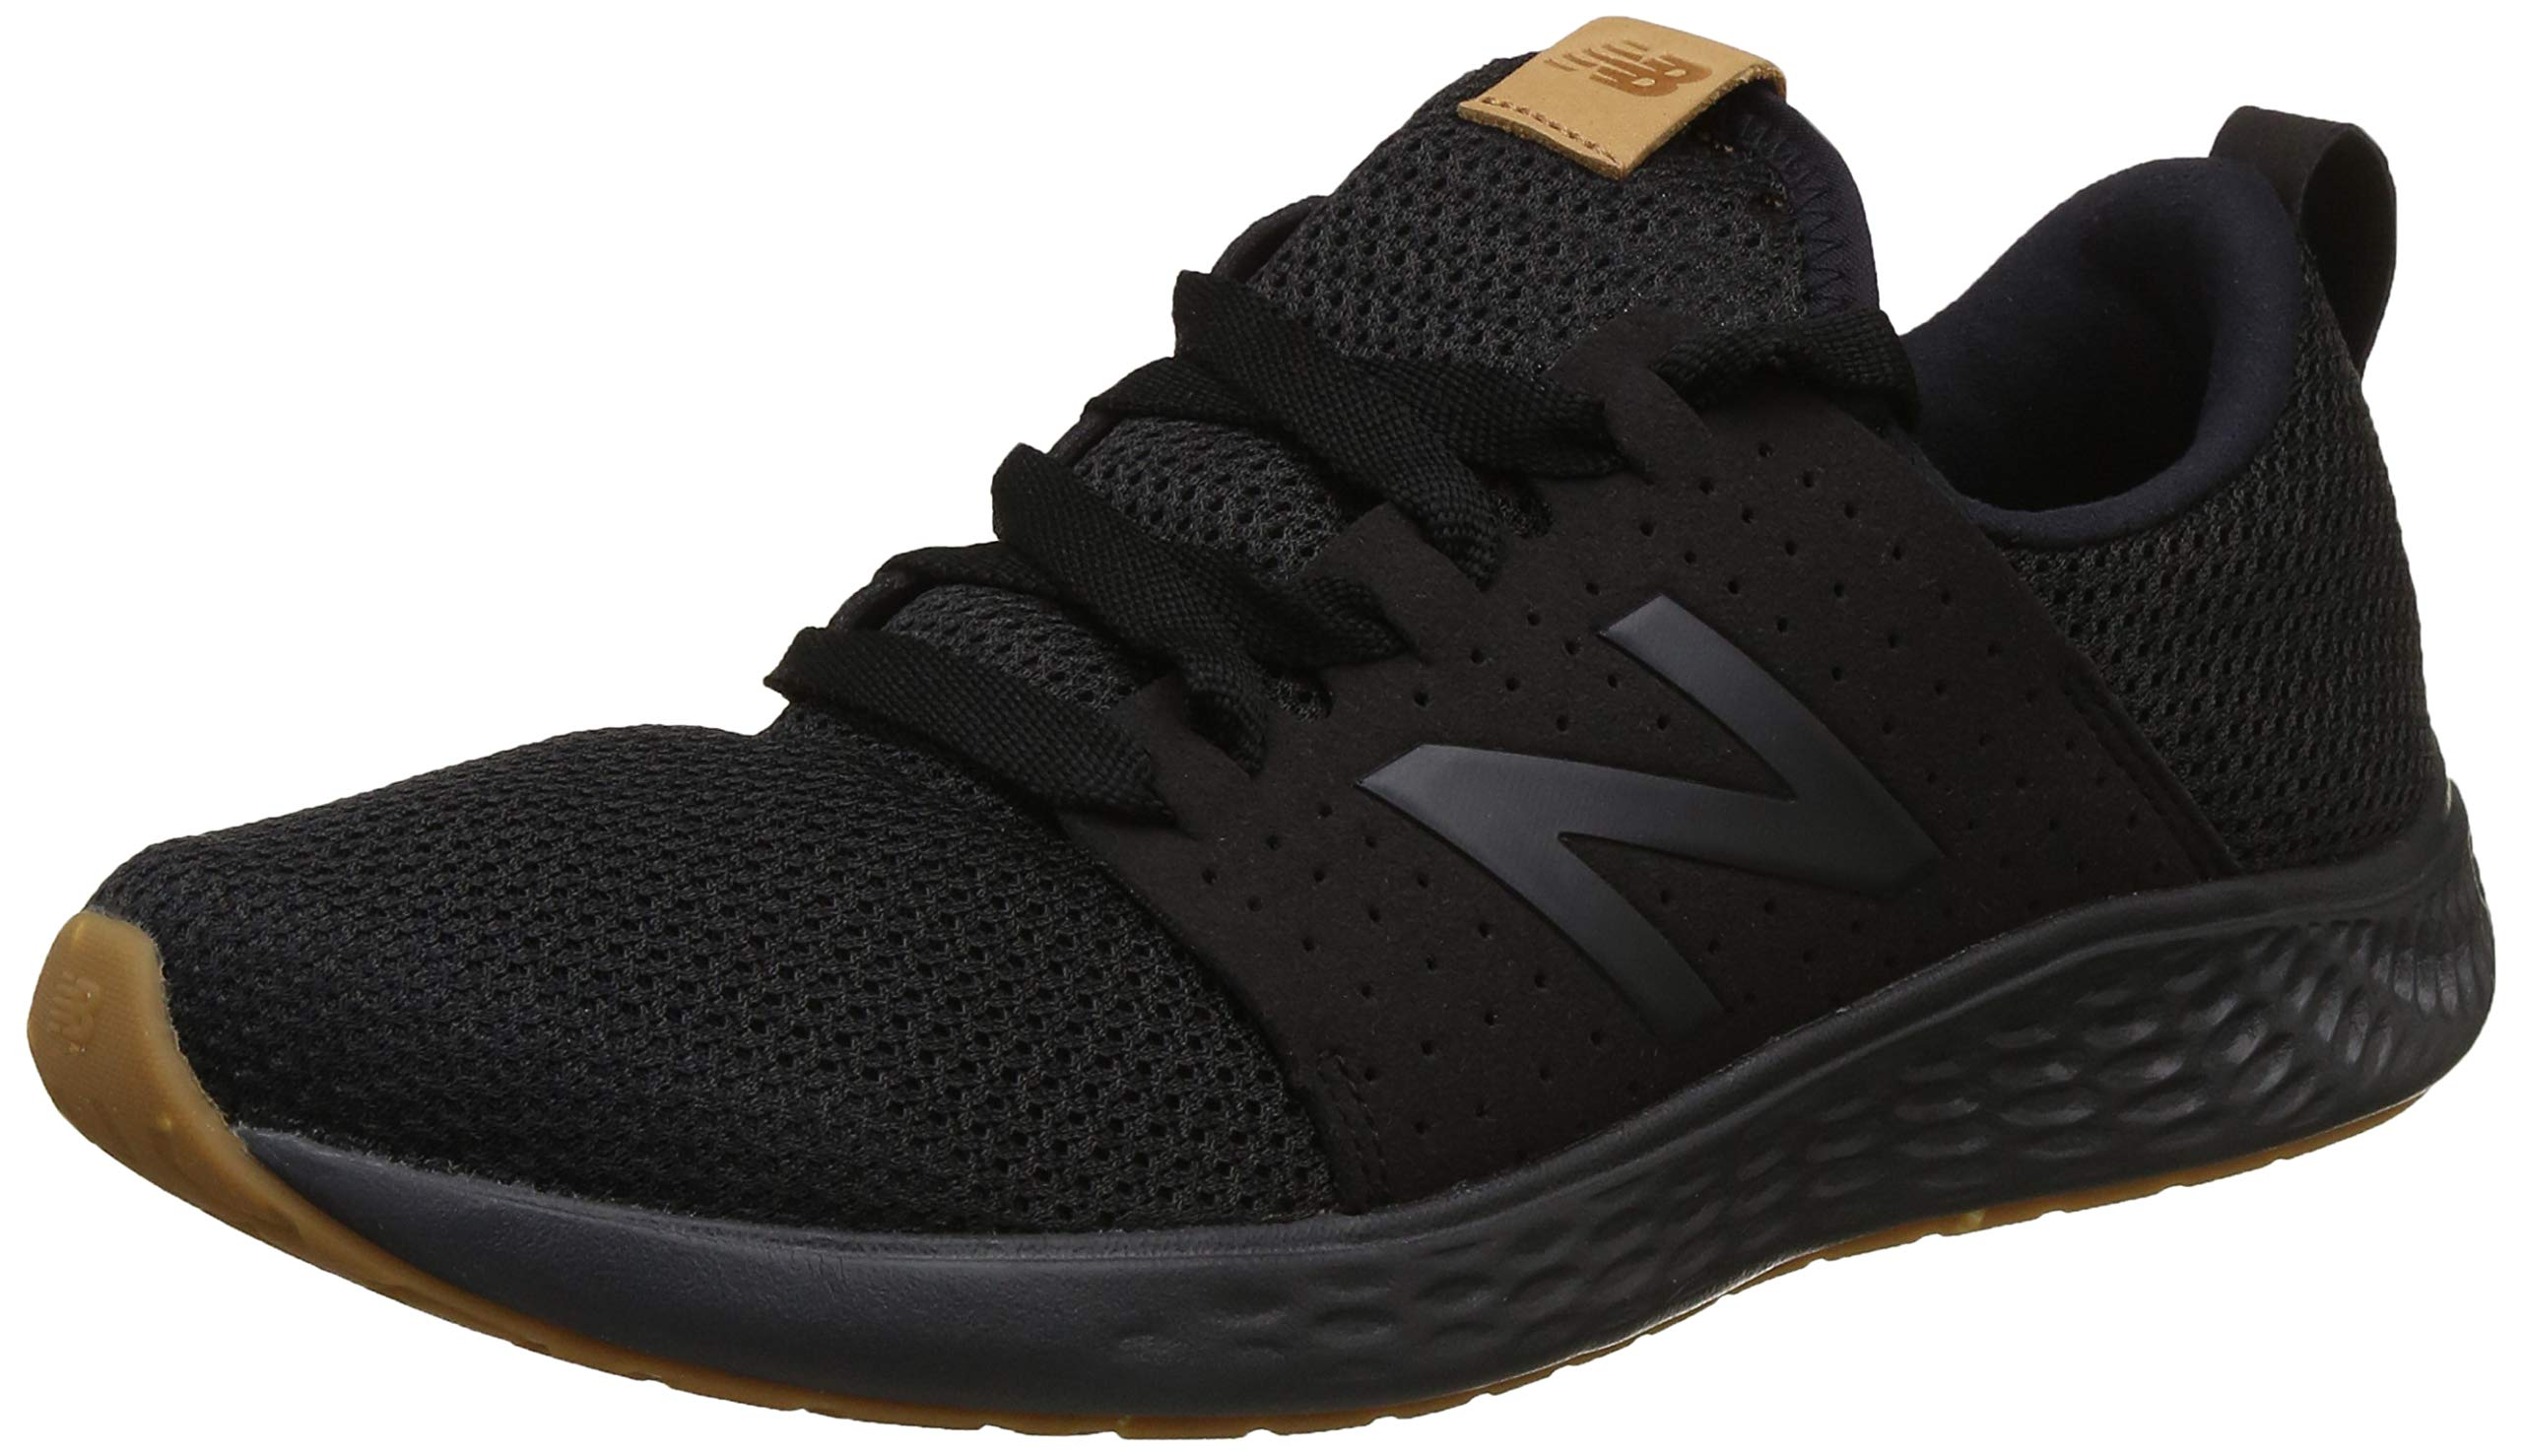 New Balance Men's SPT V1 Fresh Foam Sneaker, Black, 11 M US